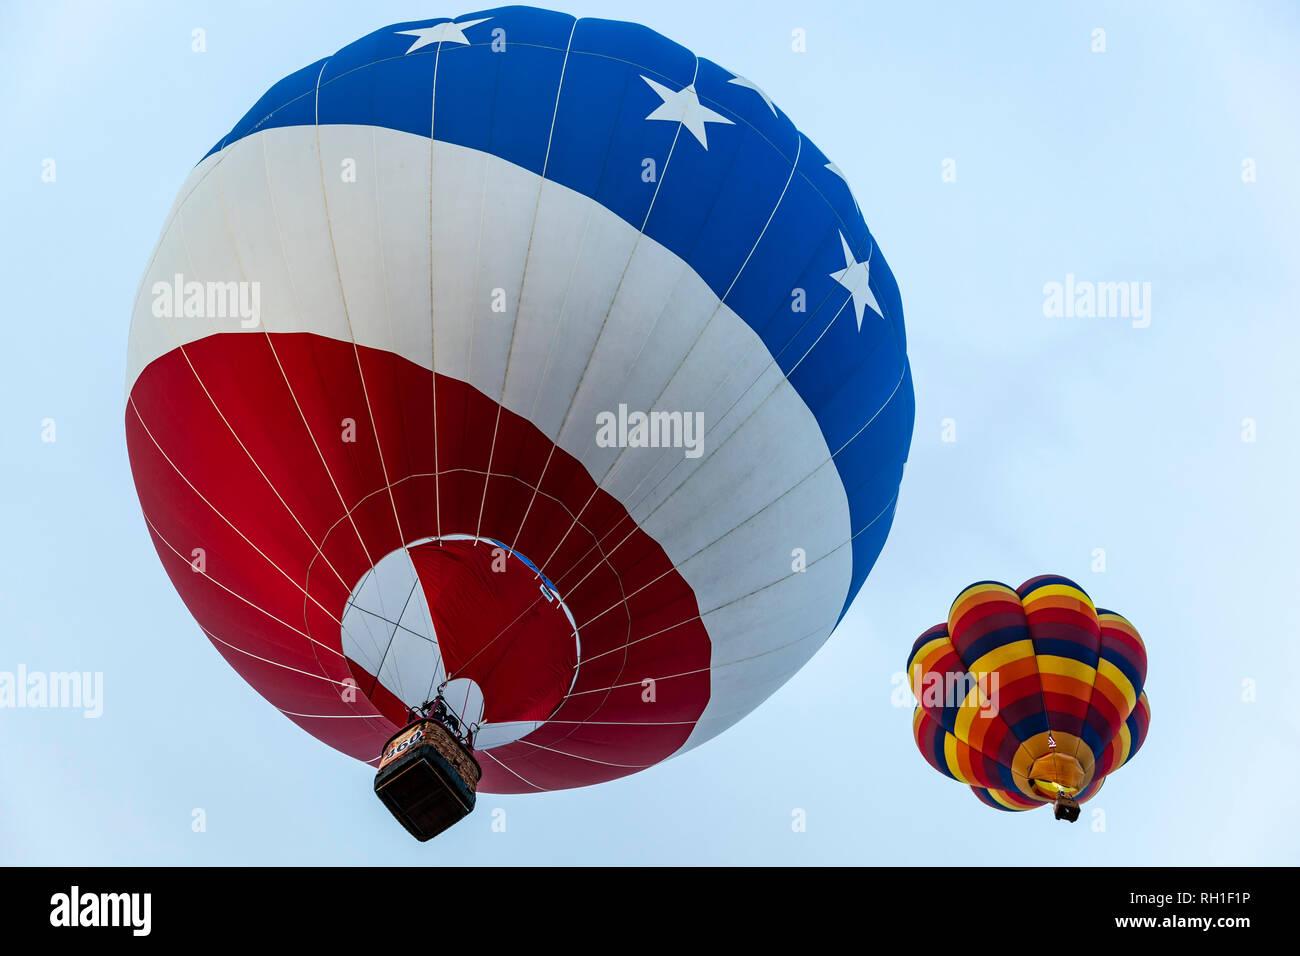 'Stars and stripes' hot air balloon, Albuquerque International Balloon Fiesta, Albuquerque, New Mexico USA - Stock Image